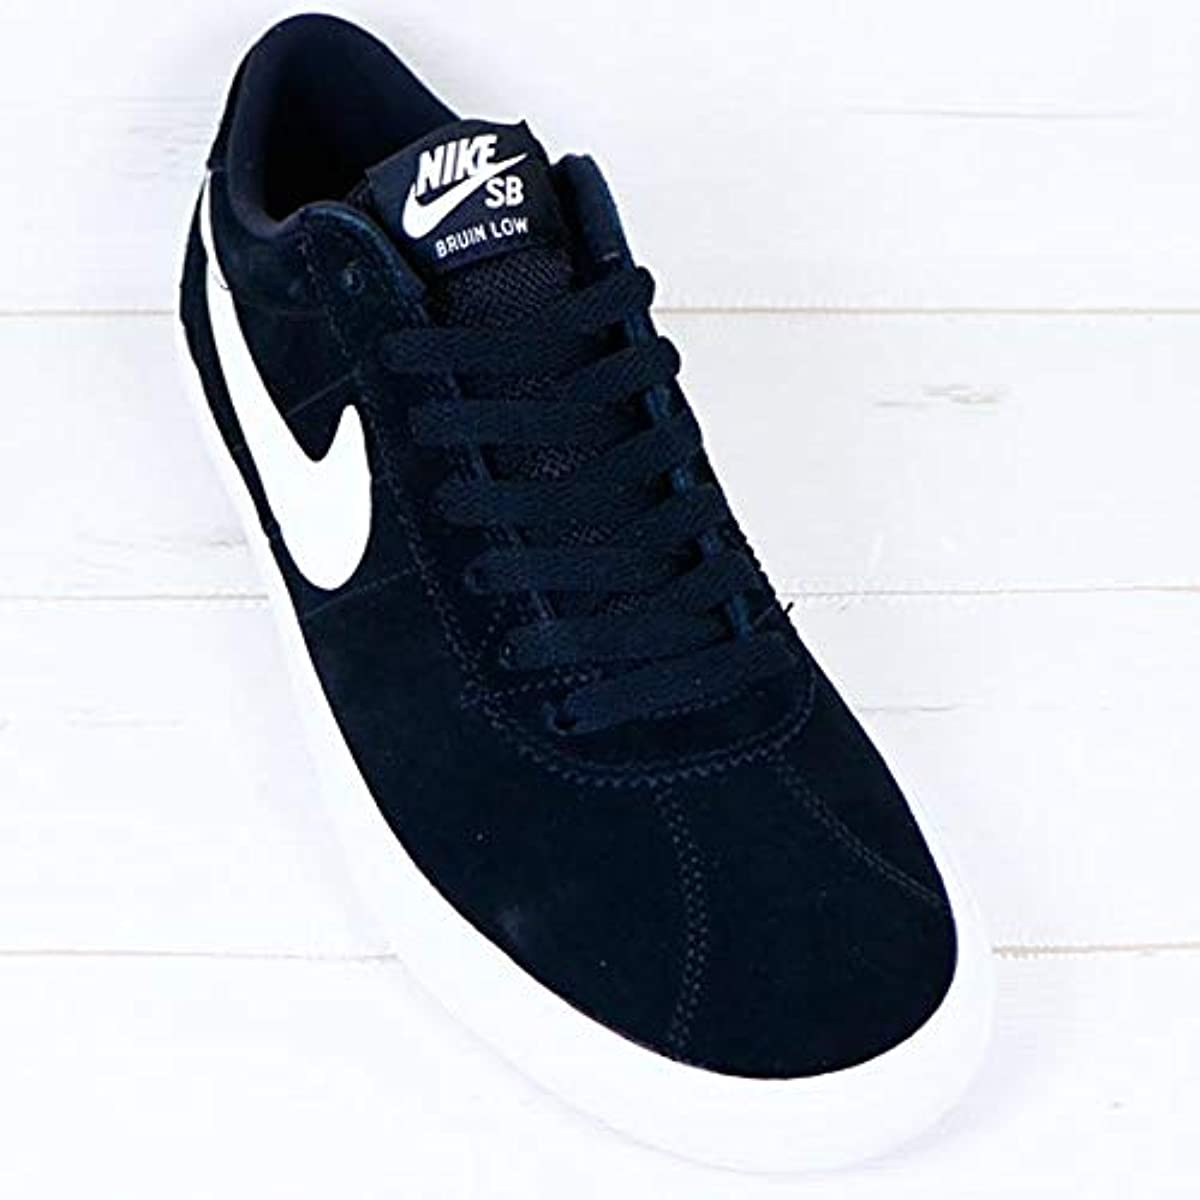 [해외] 나이키 SB 17FA 레이디스 스케이트 보드 슈즈 AJ1440-001 BRUIN LOW 블루 인 로